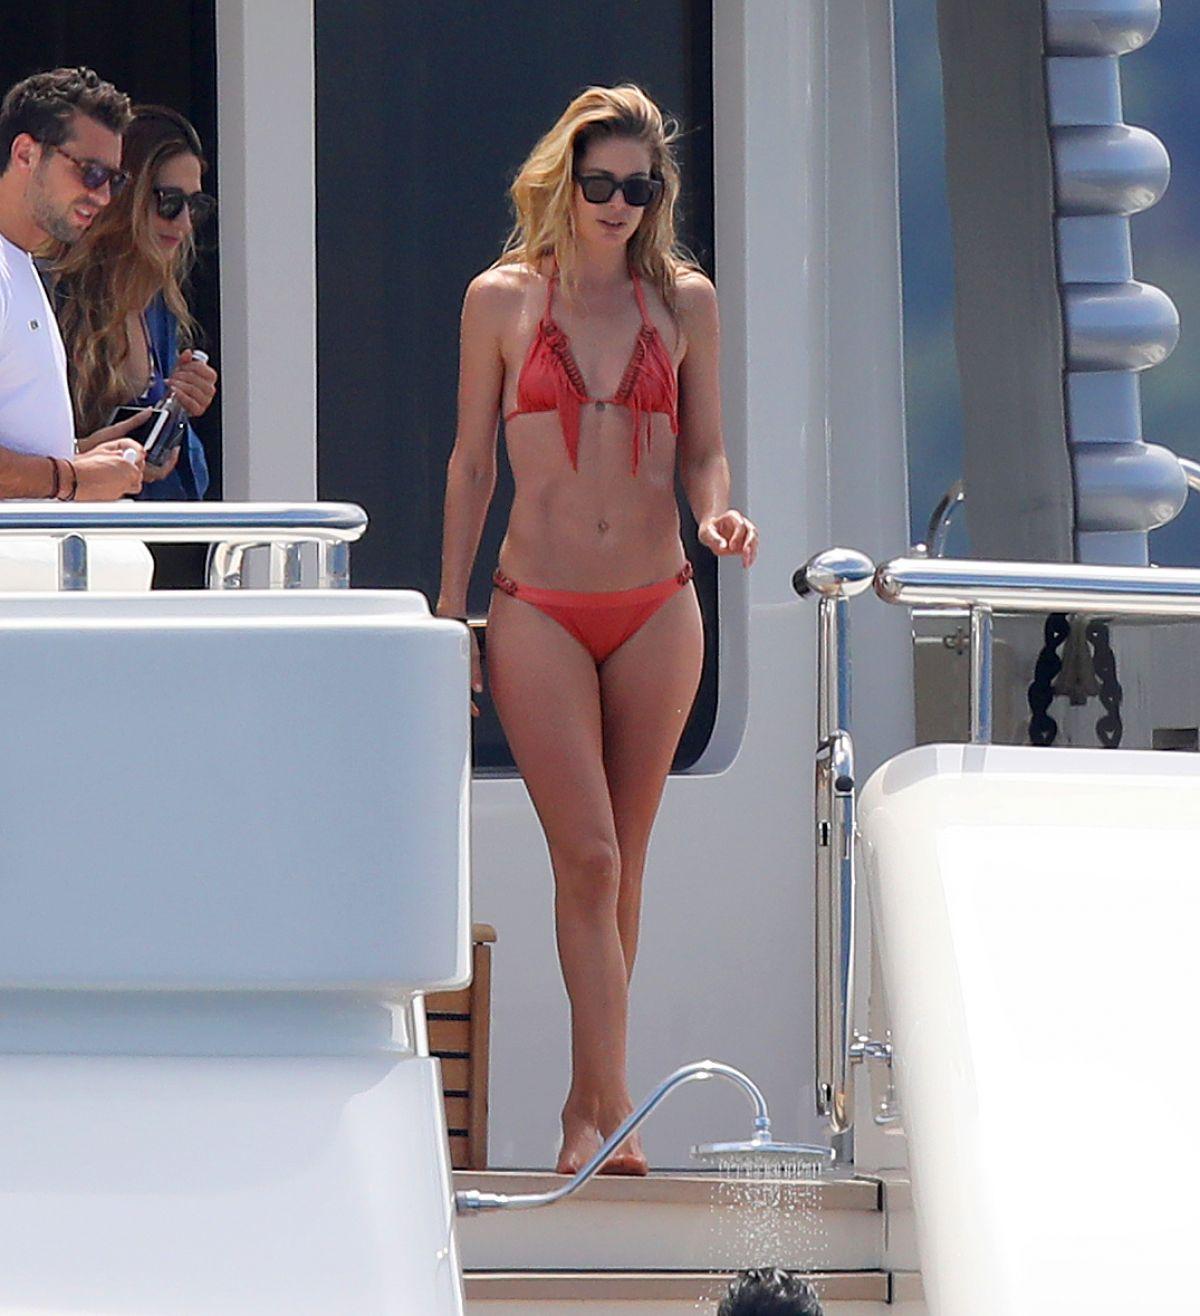 DOUTZEN KROES in Bikini at a Yacht in France 07/27/2017   doutzen-kroes-in-bikini-at-a-yacht-in-france-07-27-2017_3